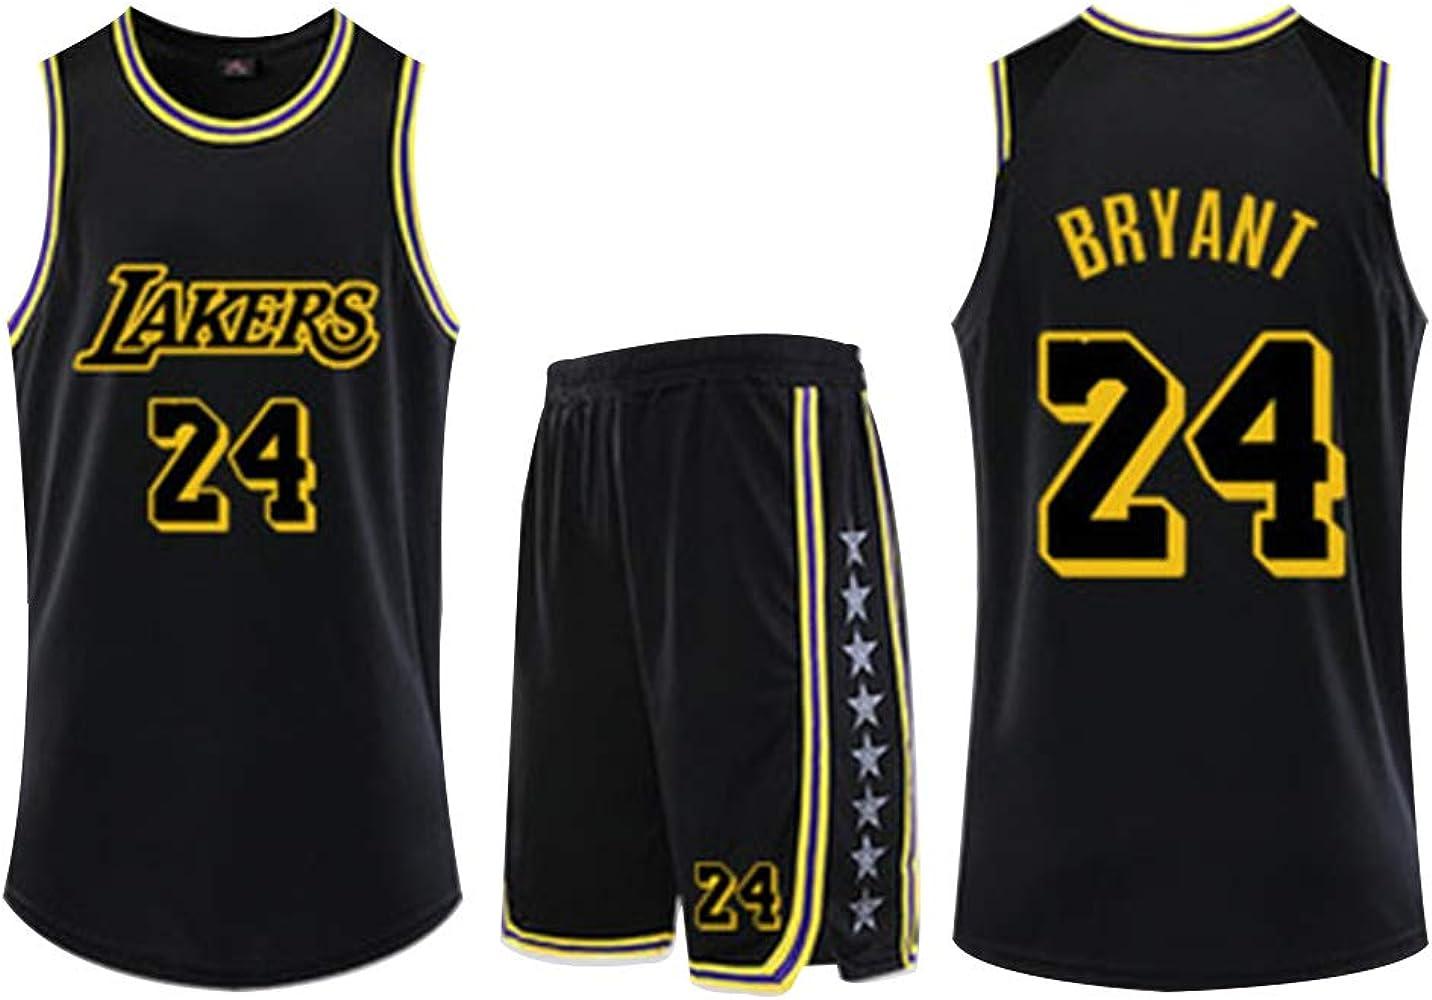 SSDS 23# James 24# Camiseta de Baloncesto Kobe para Hombres ...